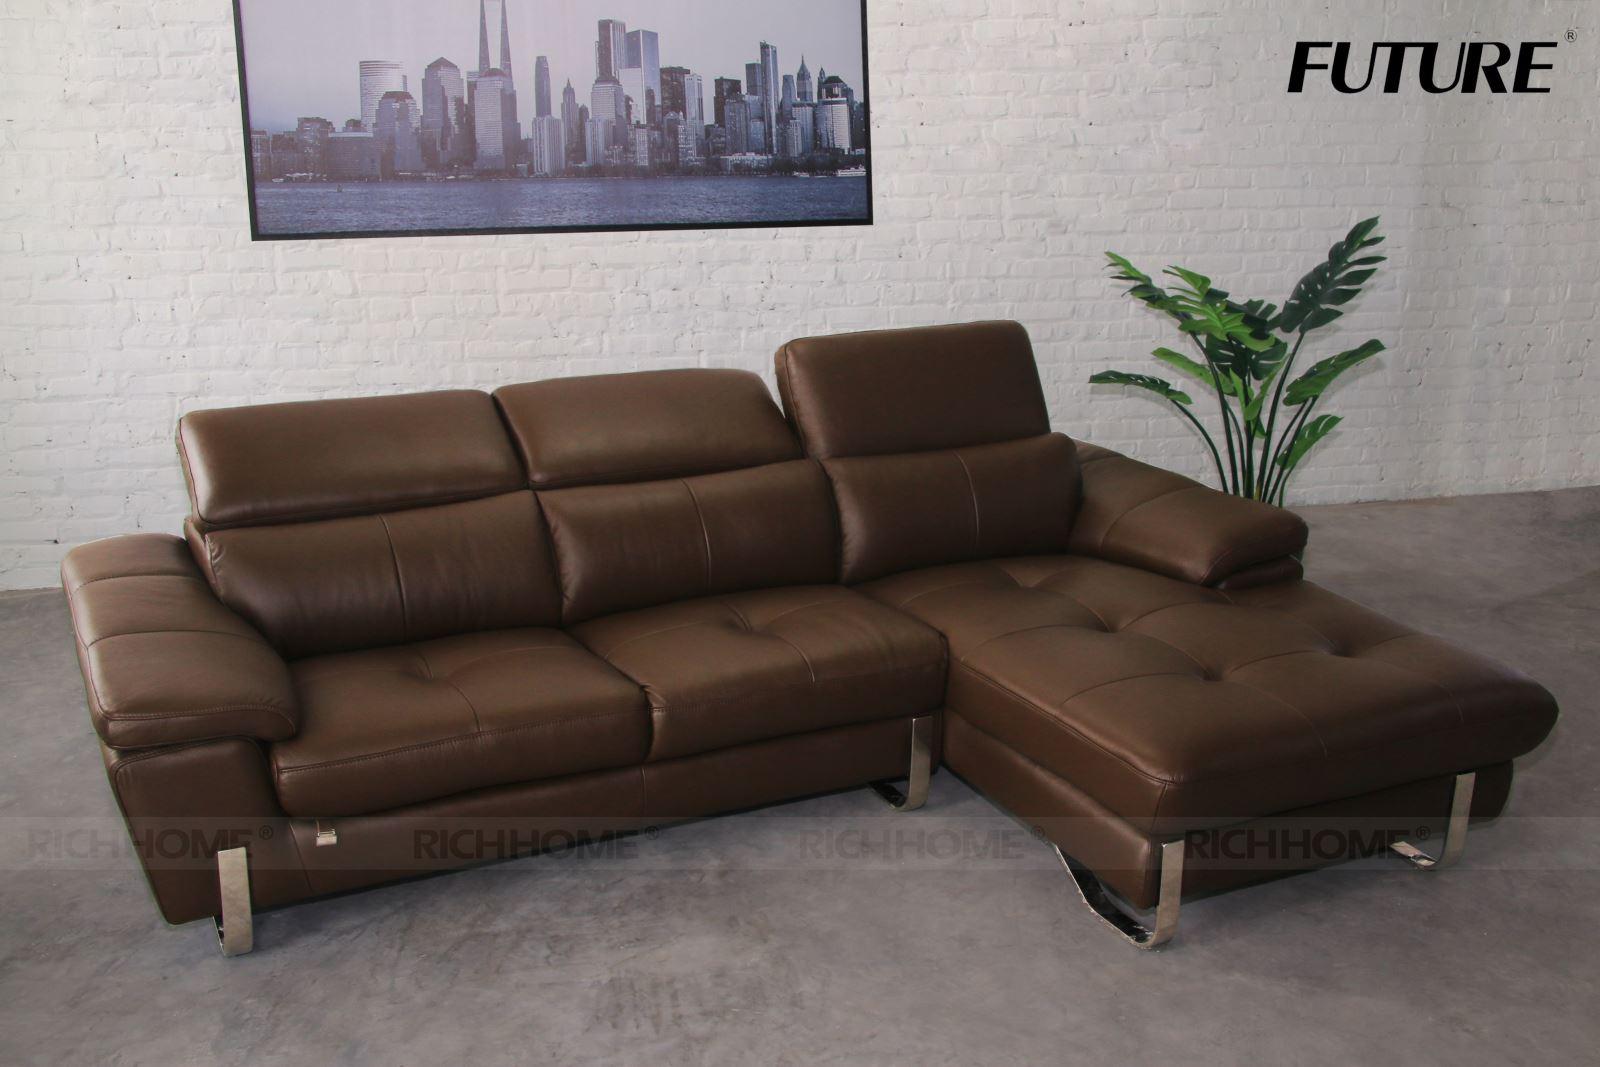 SOFA DA BÒ - FUTURE MODEL 7054 (3L)